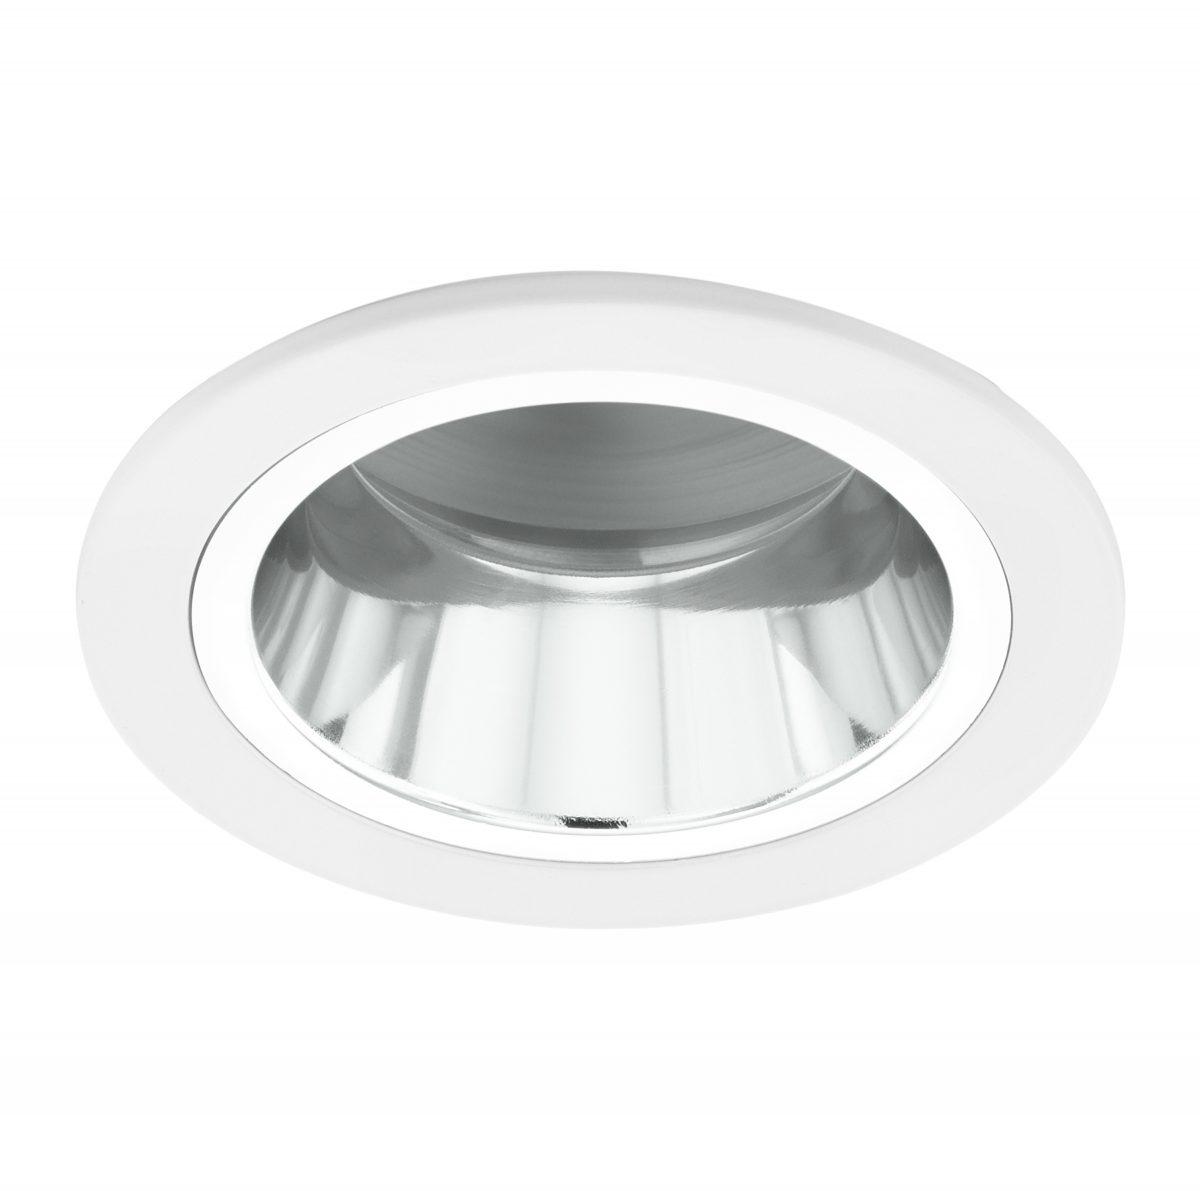 Светильник настенно-потолочный TONEZZA 1/PROFESSIO EGLO 61576 - Фото №28